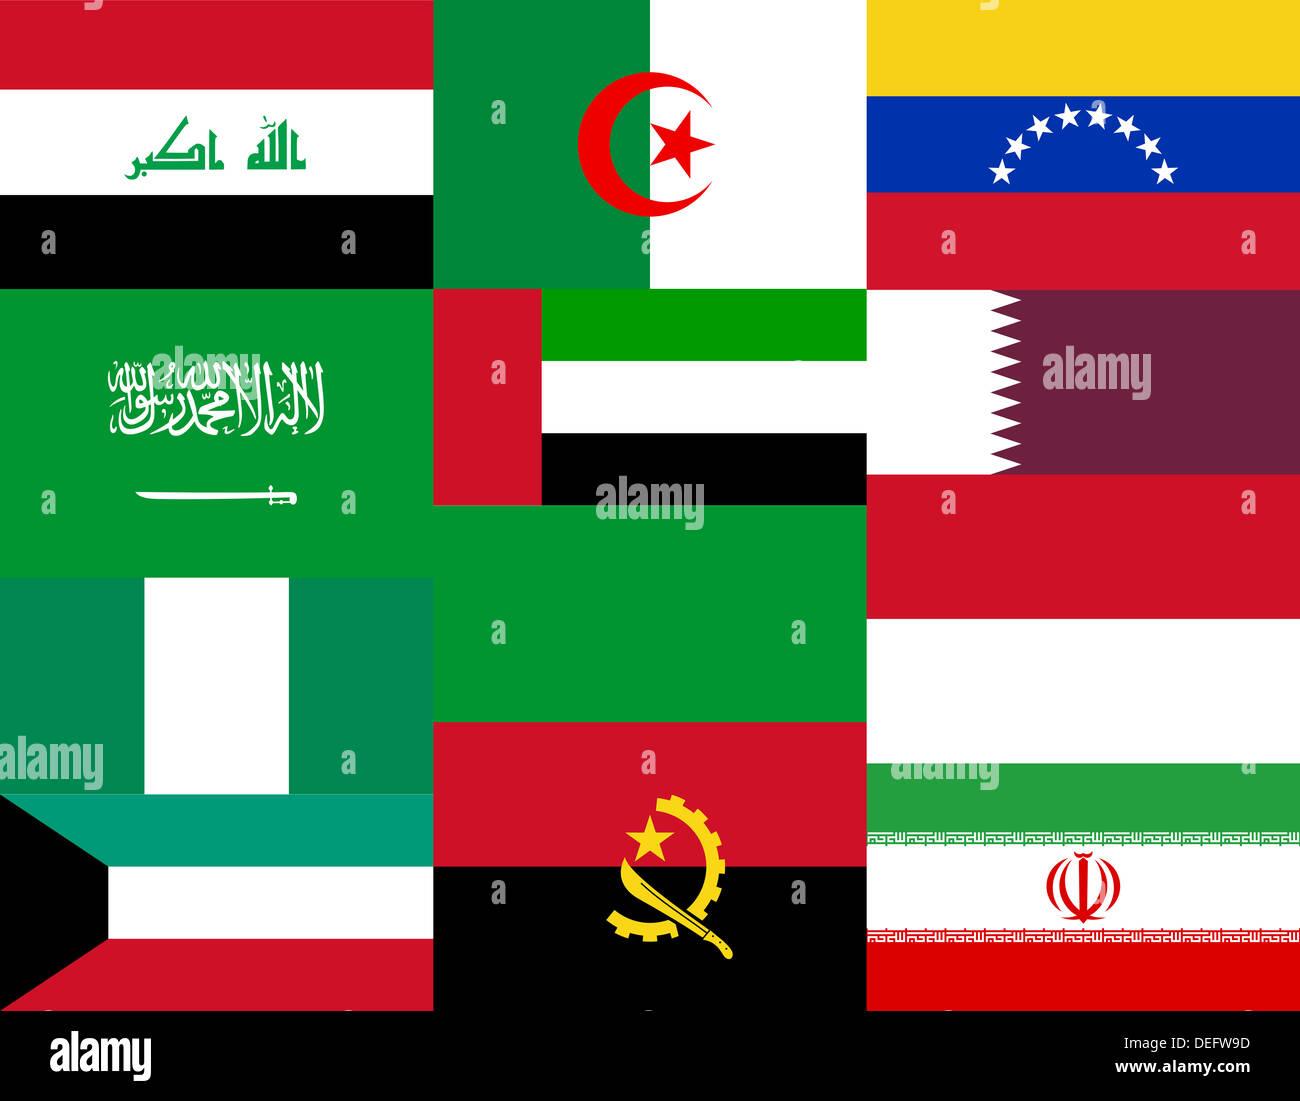 Bandiere nazionali dei paesi dell'OPEC Immagini Stock